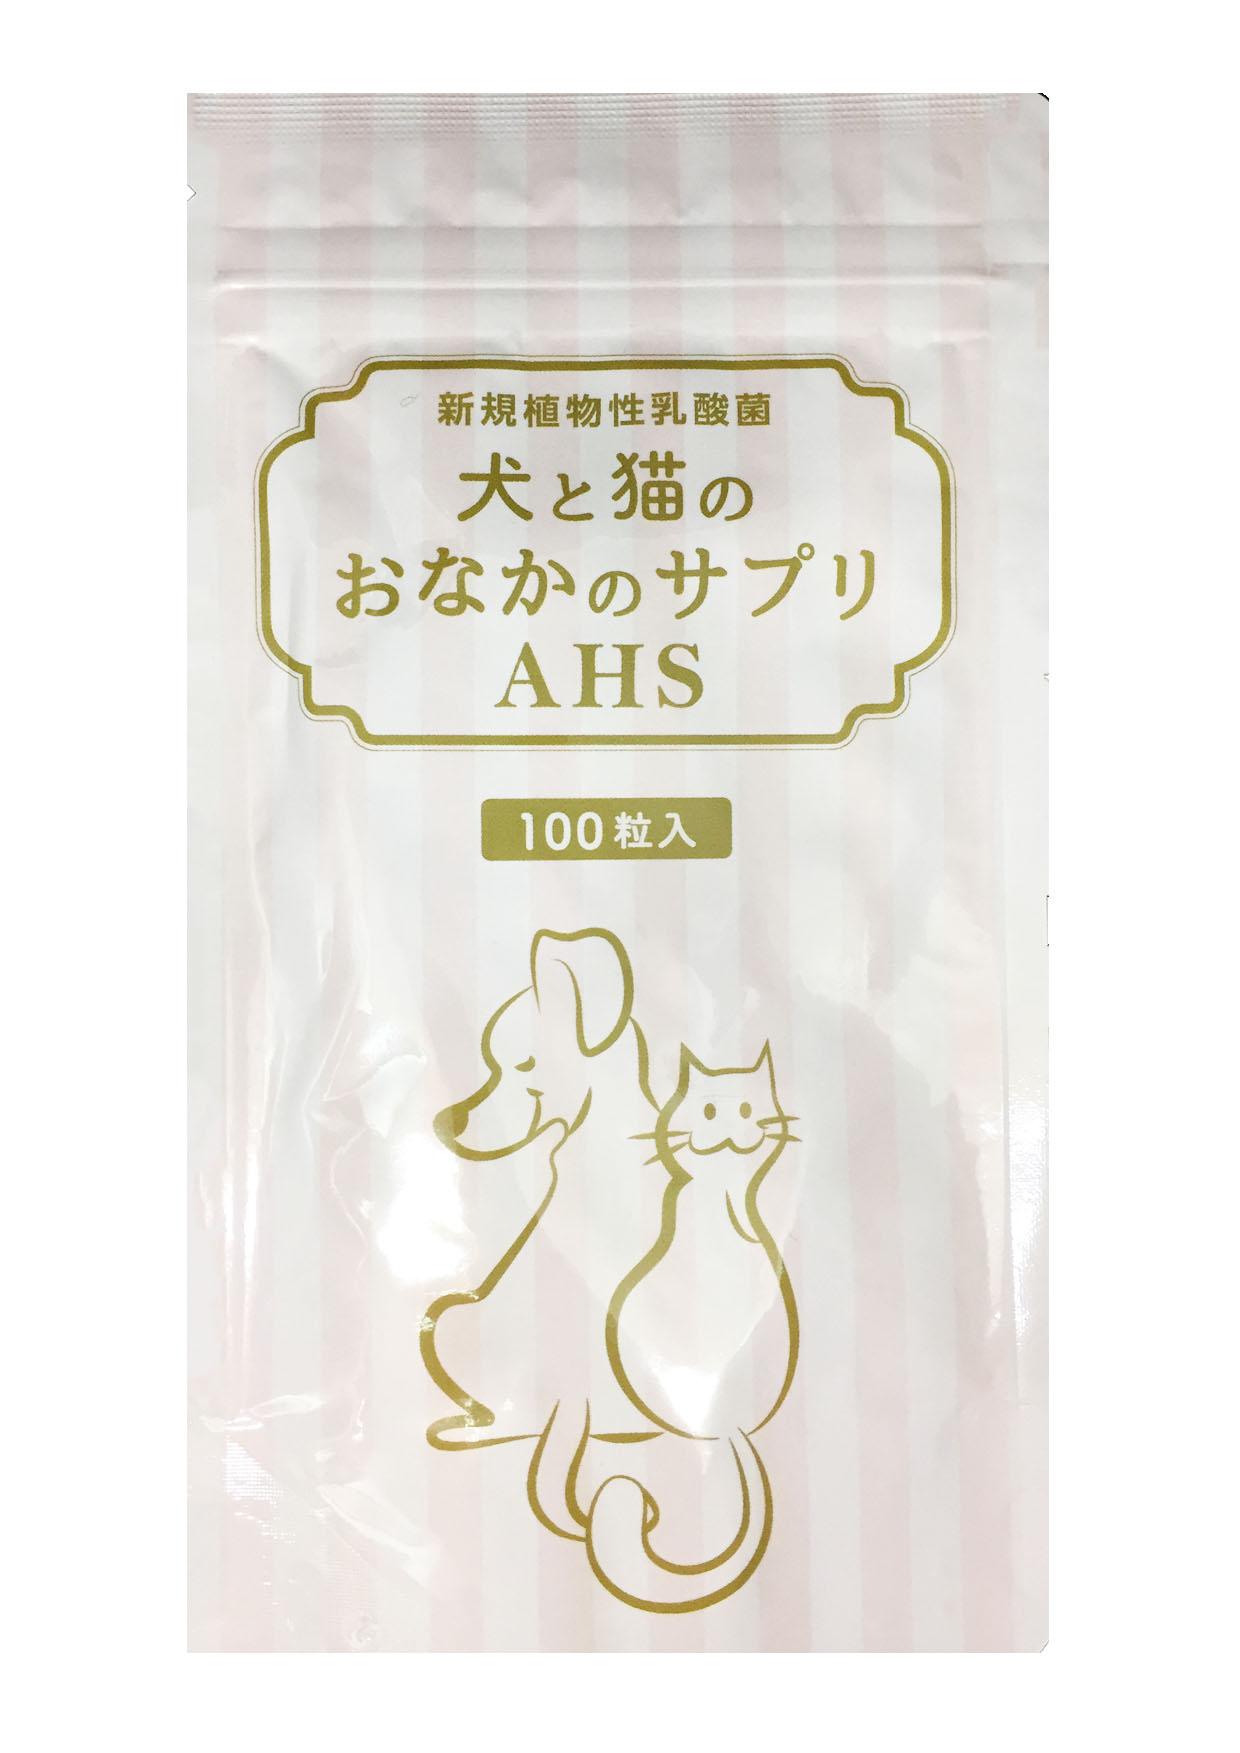 乳酸菌サプリ 犬と猫のおなかのサプリAHS 100粒【レターパックライト可】